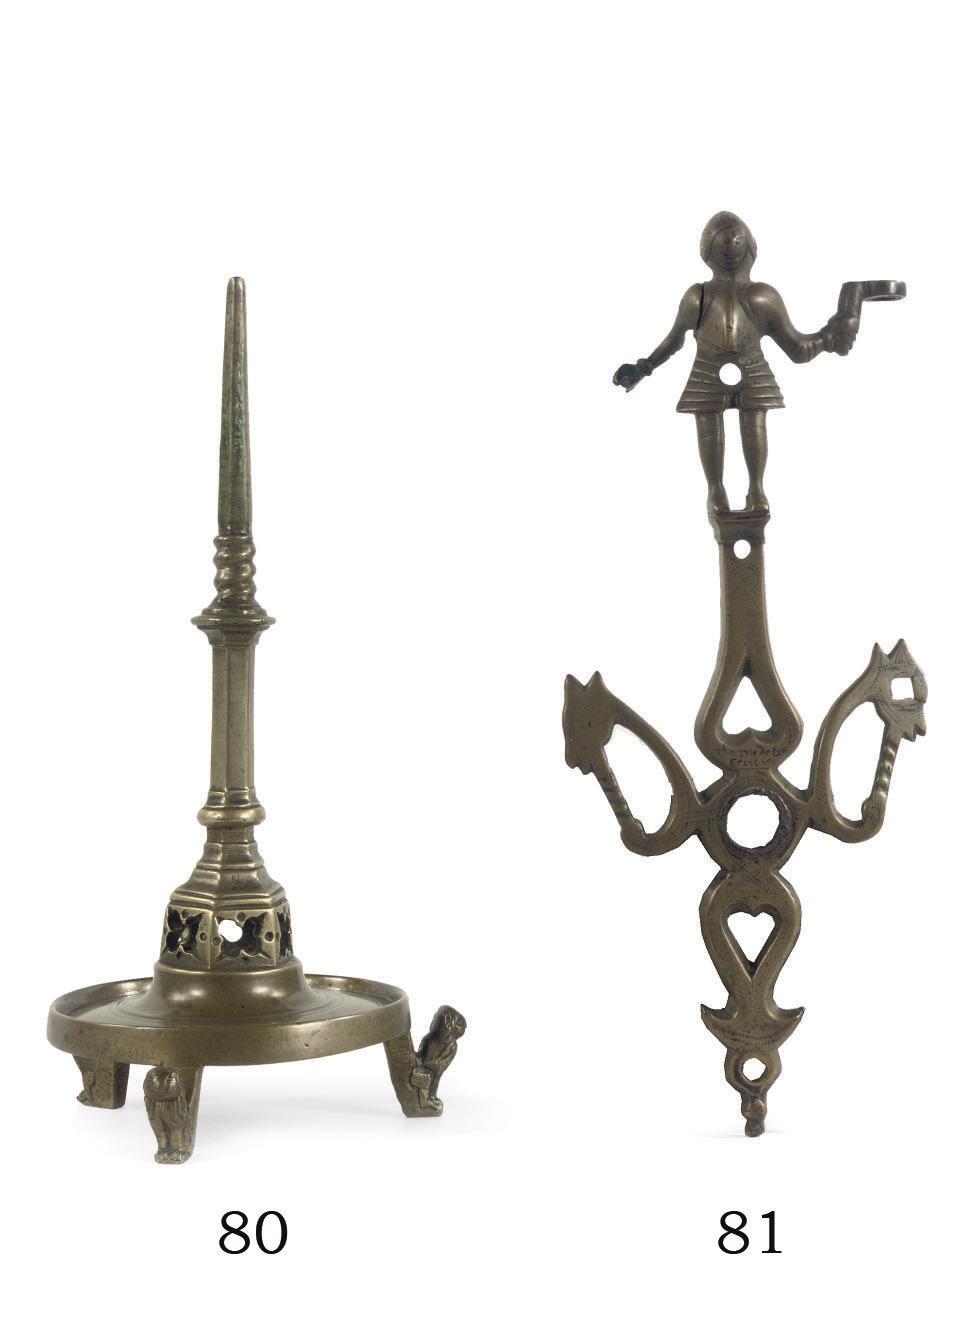 A brass figural ornament or fi